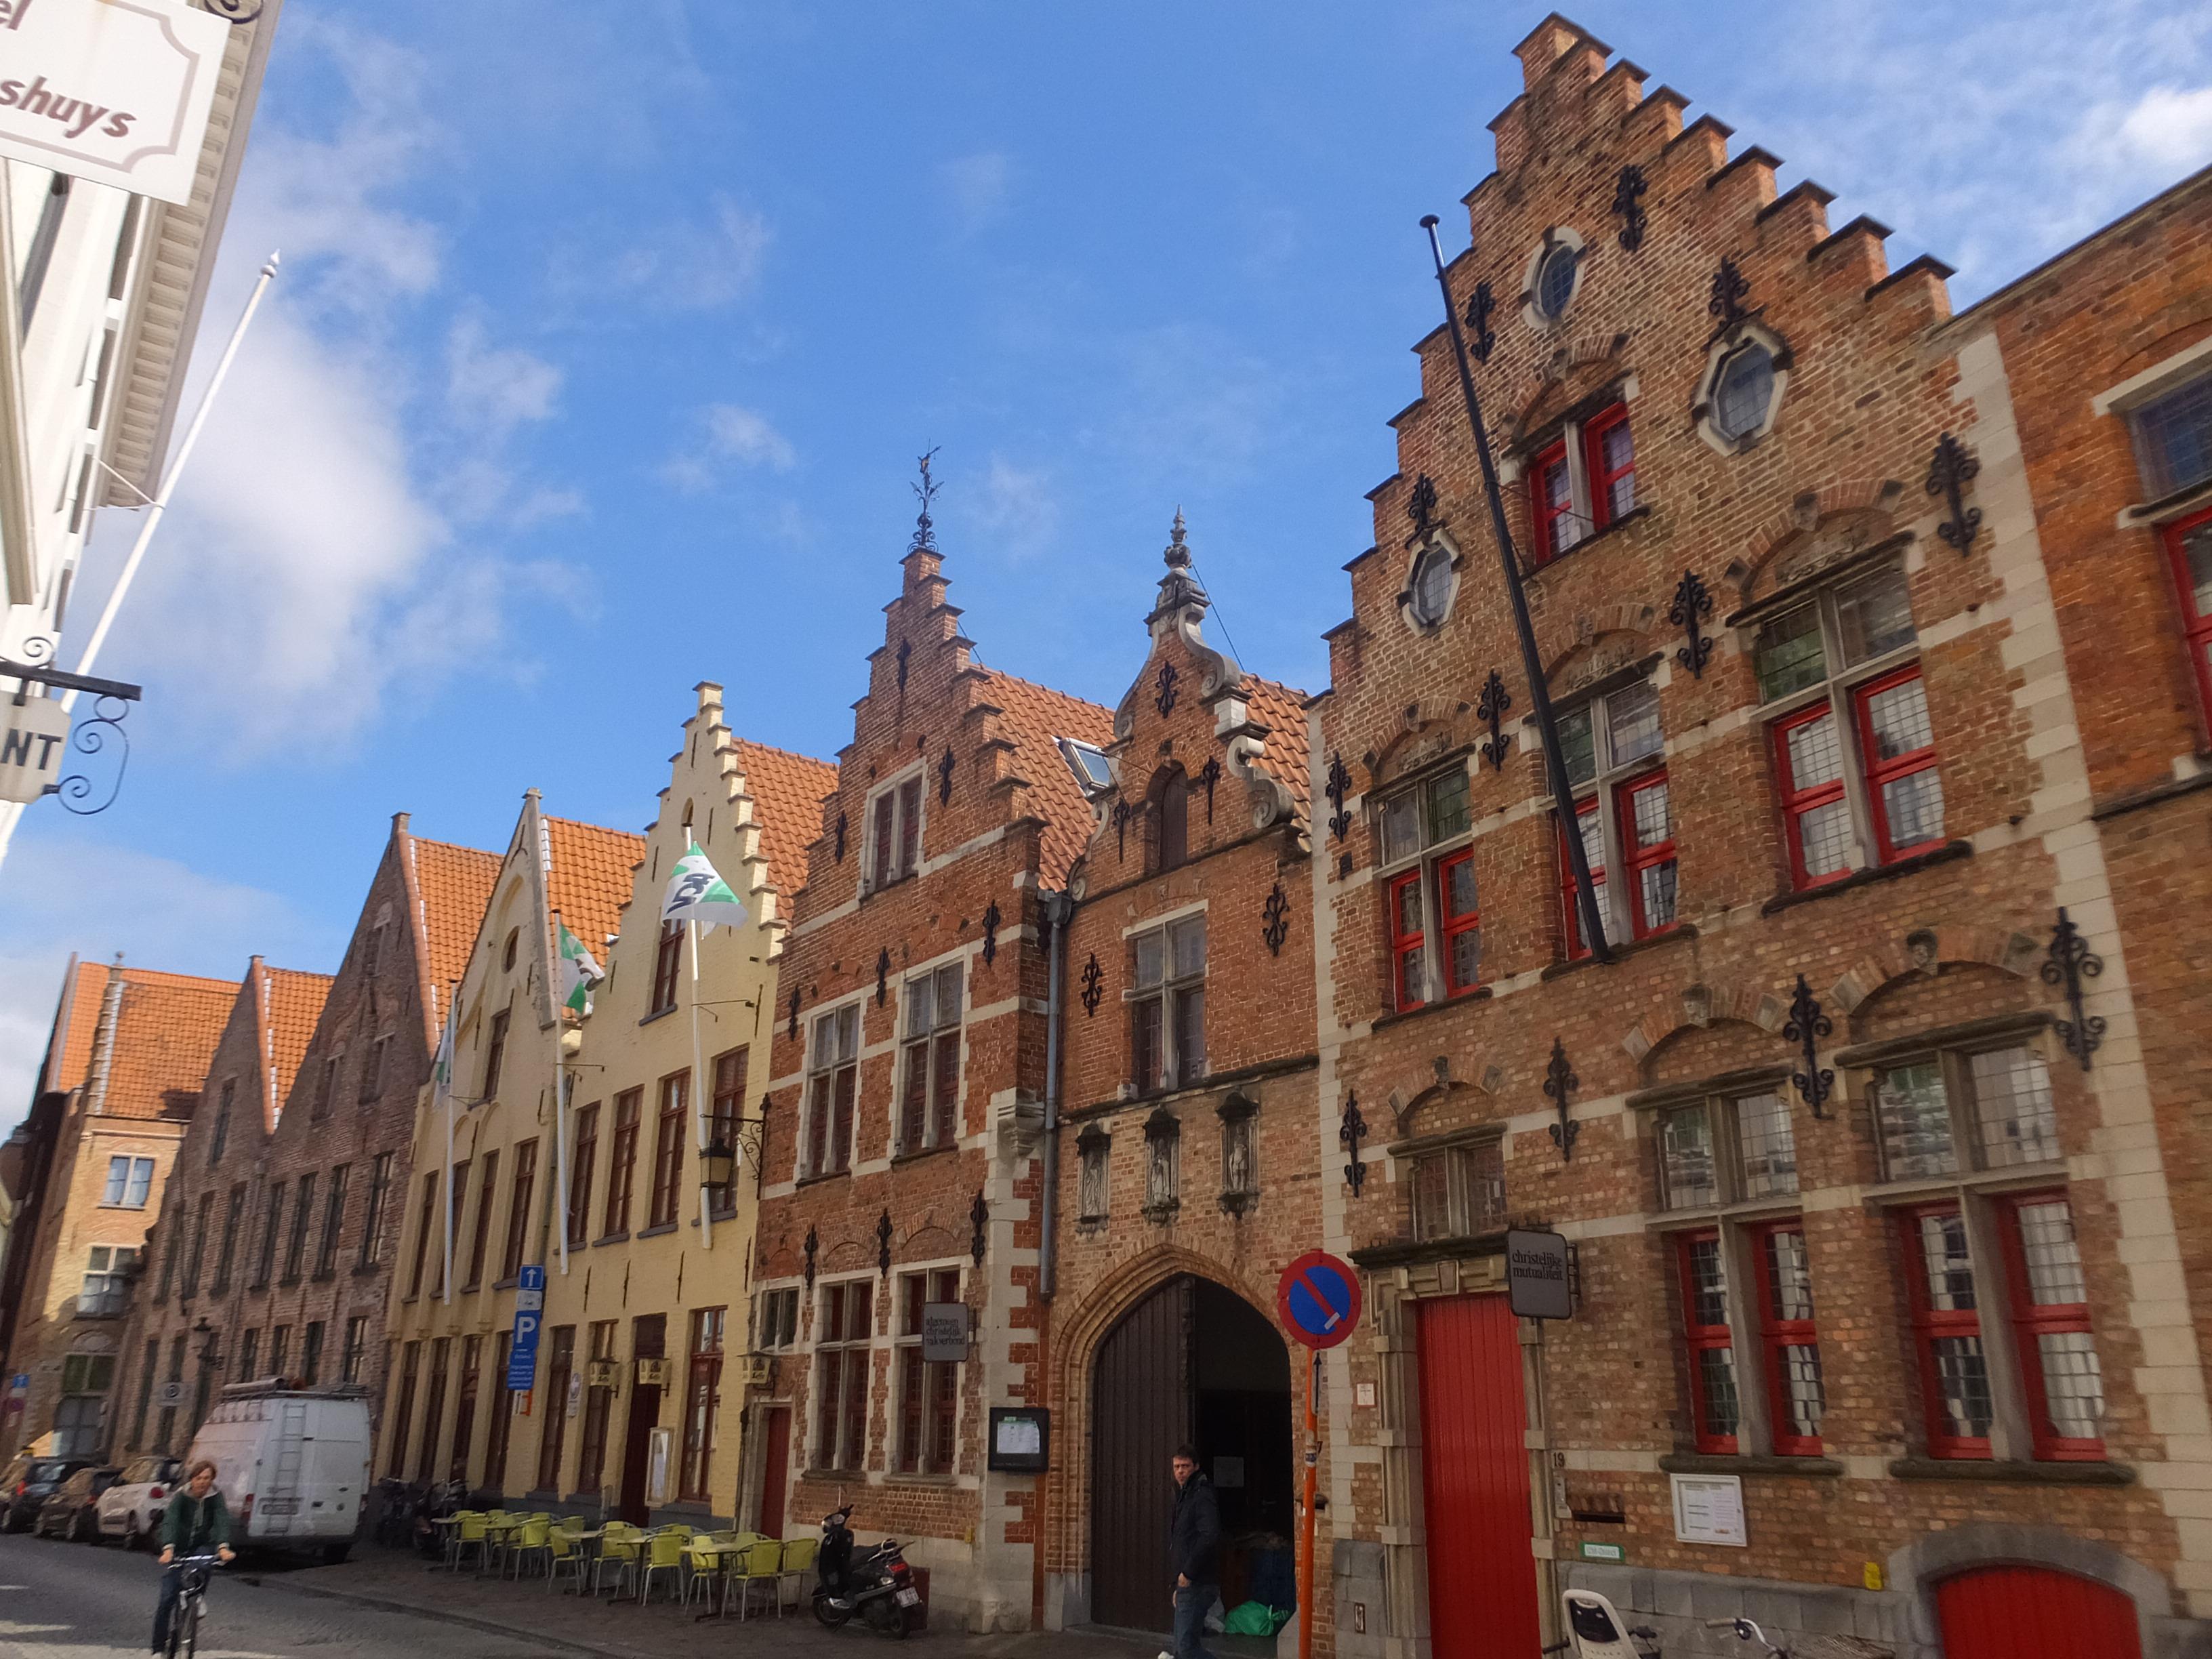 オランダからブルージュへ小旅行②「マルクト広場&鐘楼」